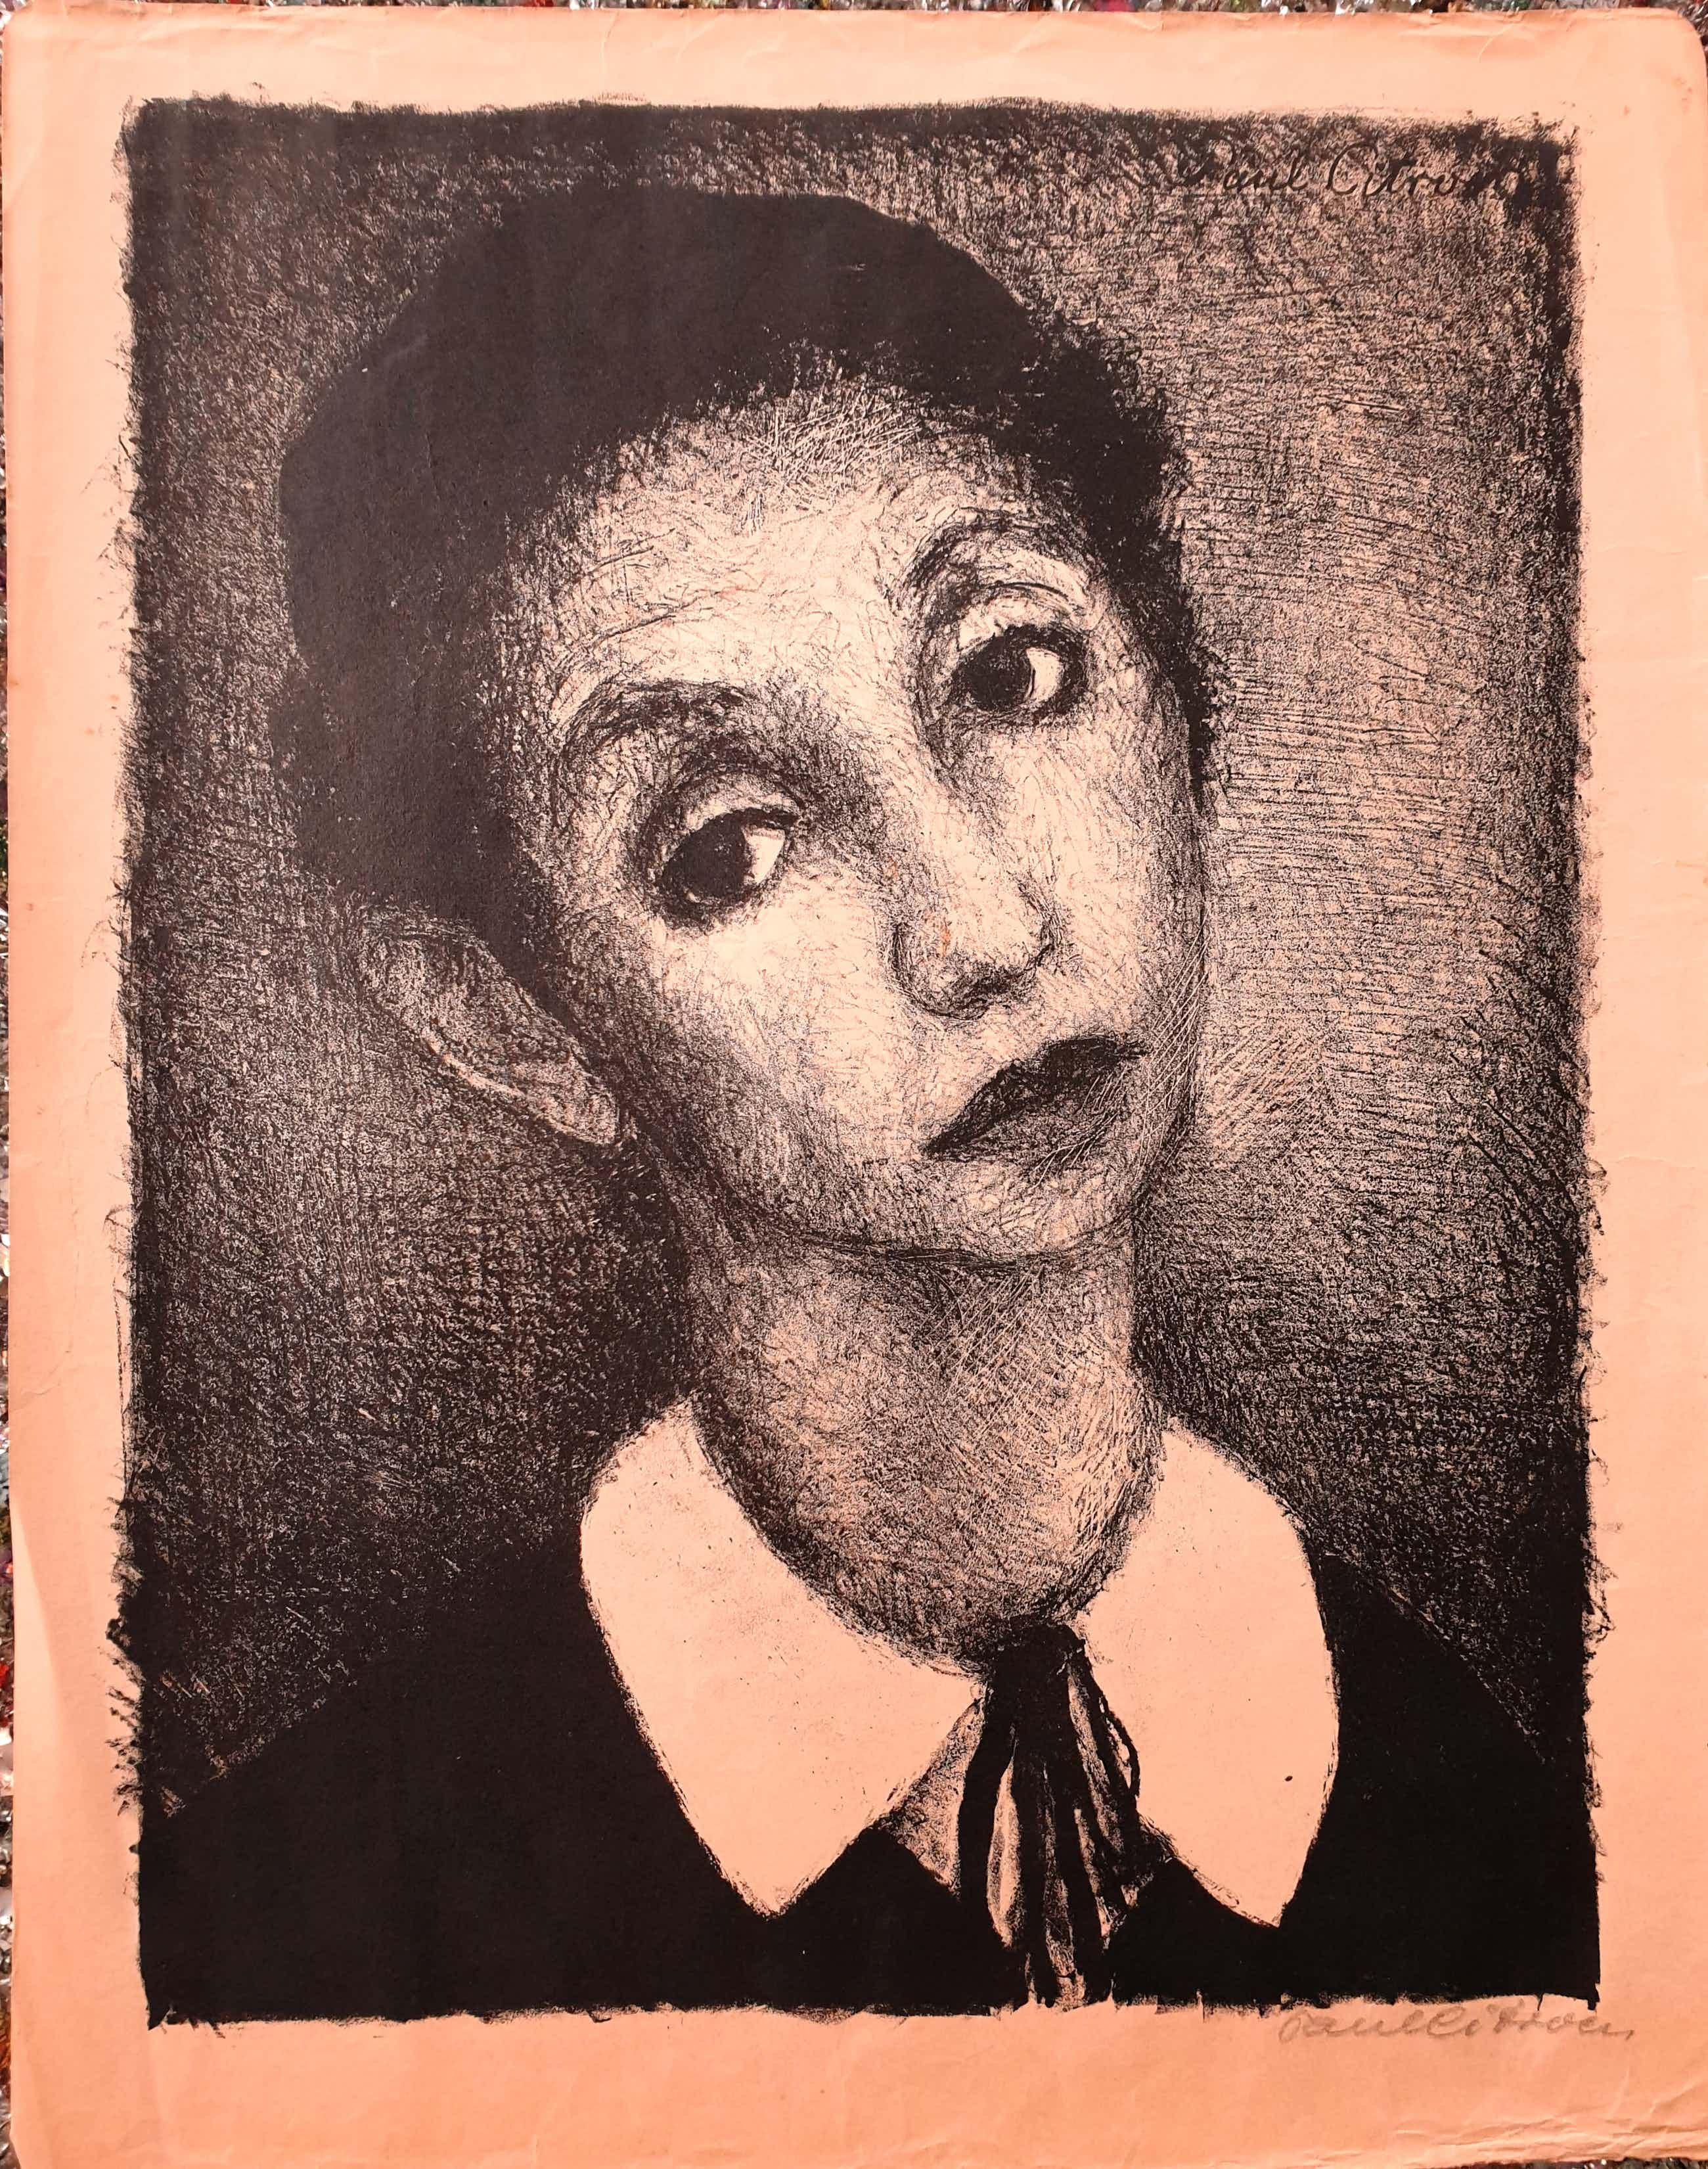 Paul Citroen - Portret - Gesigneerd - Litho kopen? Bied vanaf 45!